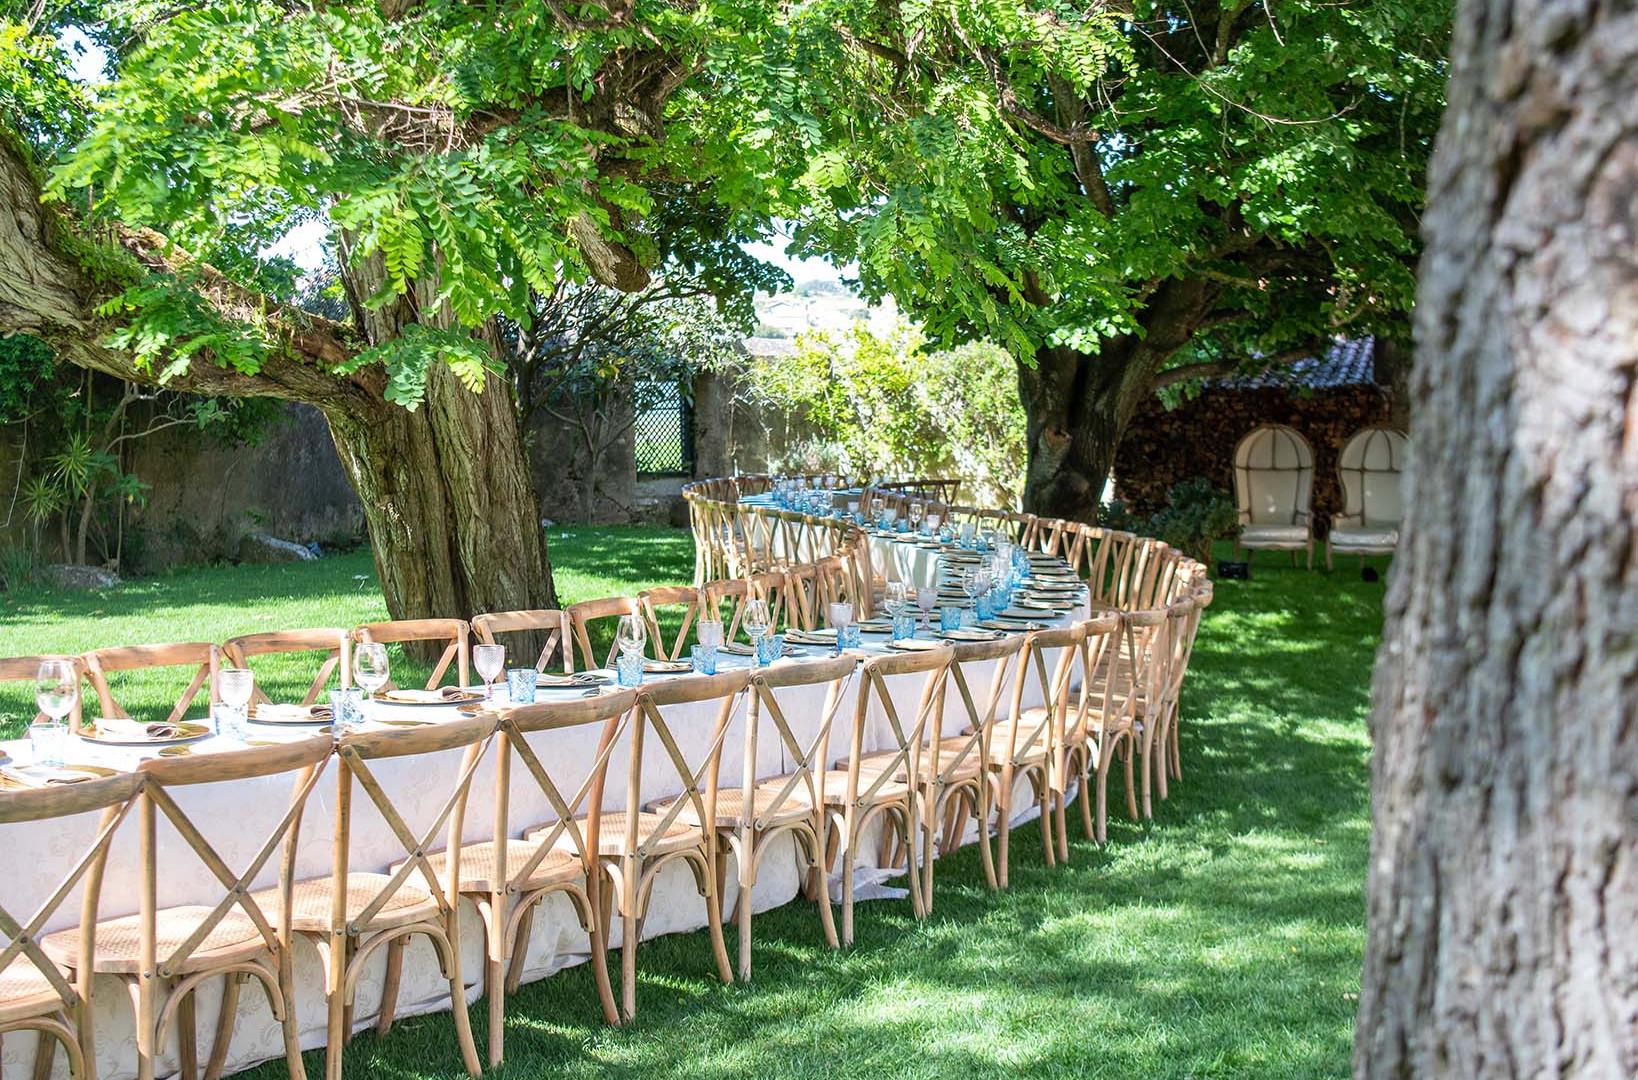 Mesa onda no jardim da Quinta do Torneiro